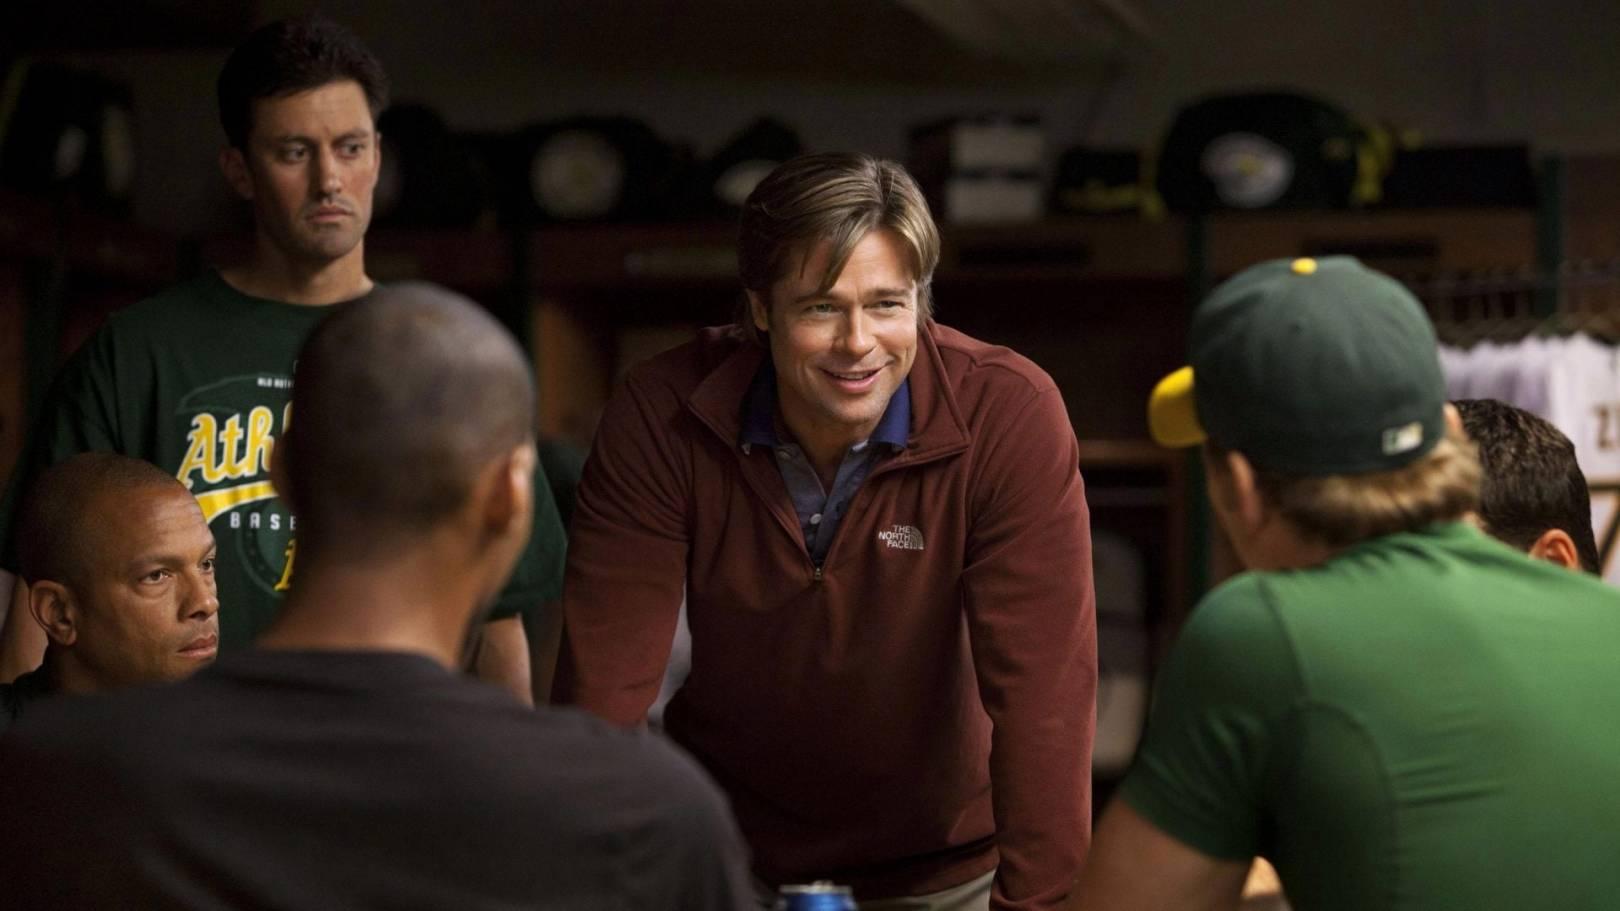 Girşimcilerin İzlemesi gereken filmler - 'Oakland A' beysbol takımının başındaki isim olan Billy Beane (Brad Pitt), kısıtlı bir bütçe ile resmen yoktan bir takım var ederek zengin kulüplere meydan okuyor.